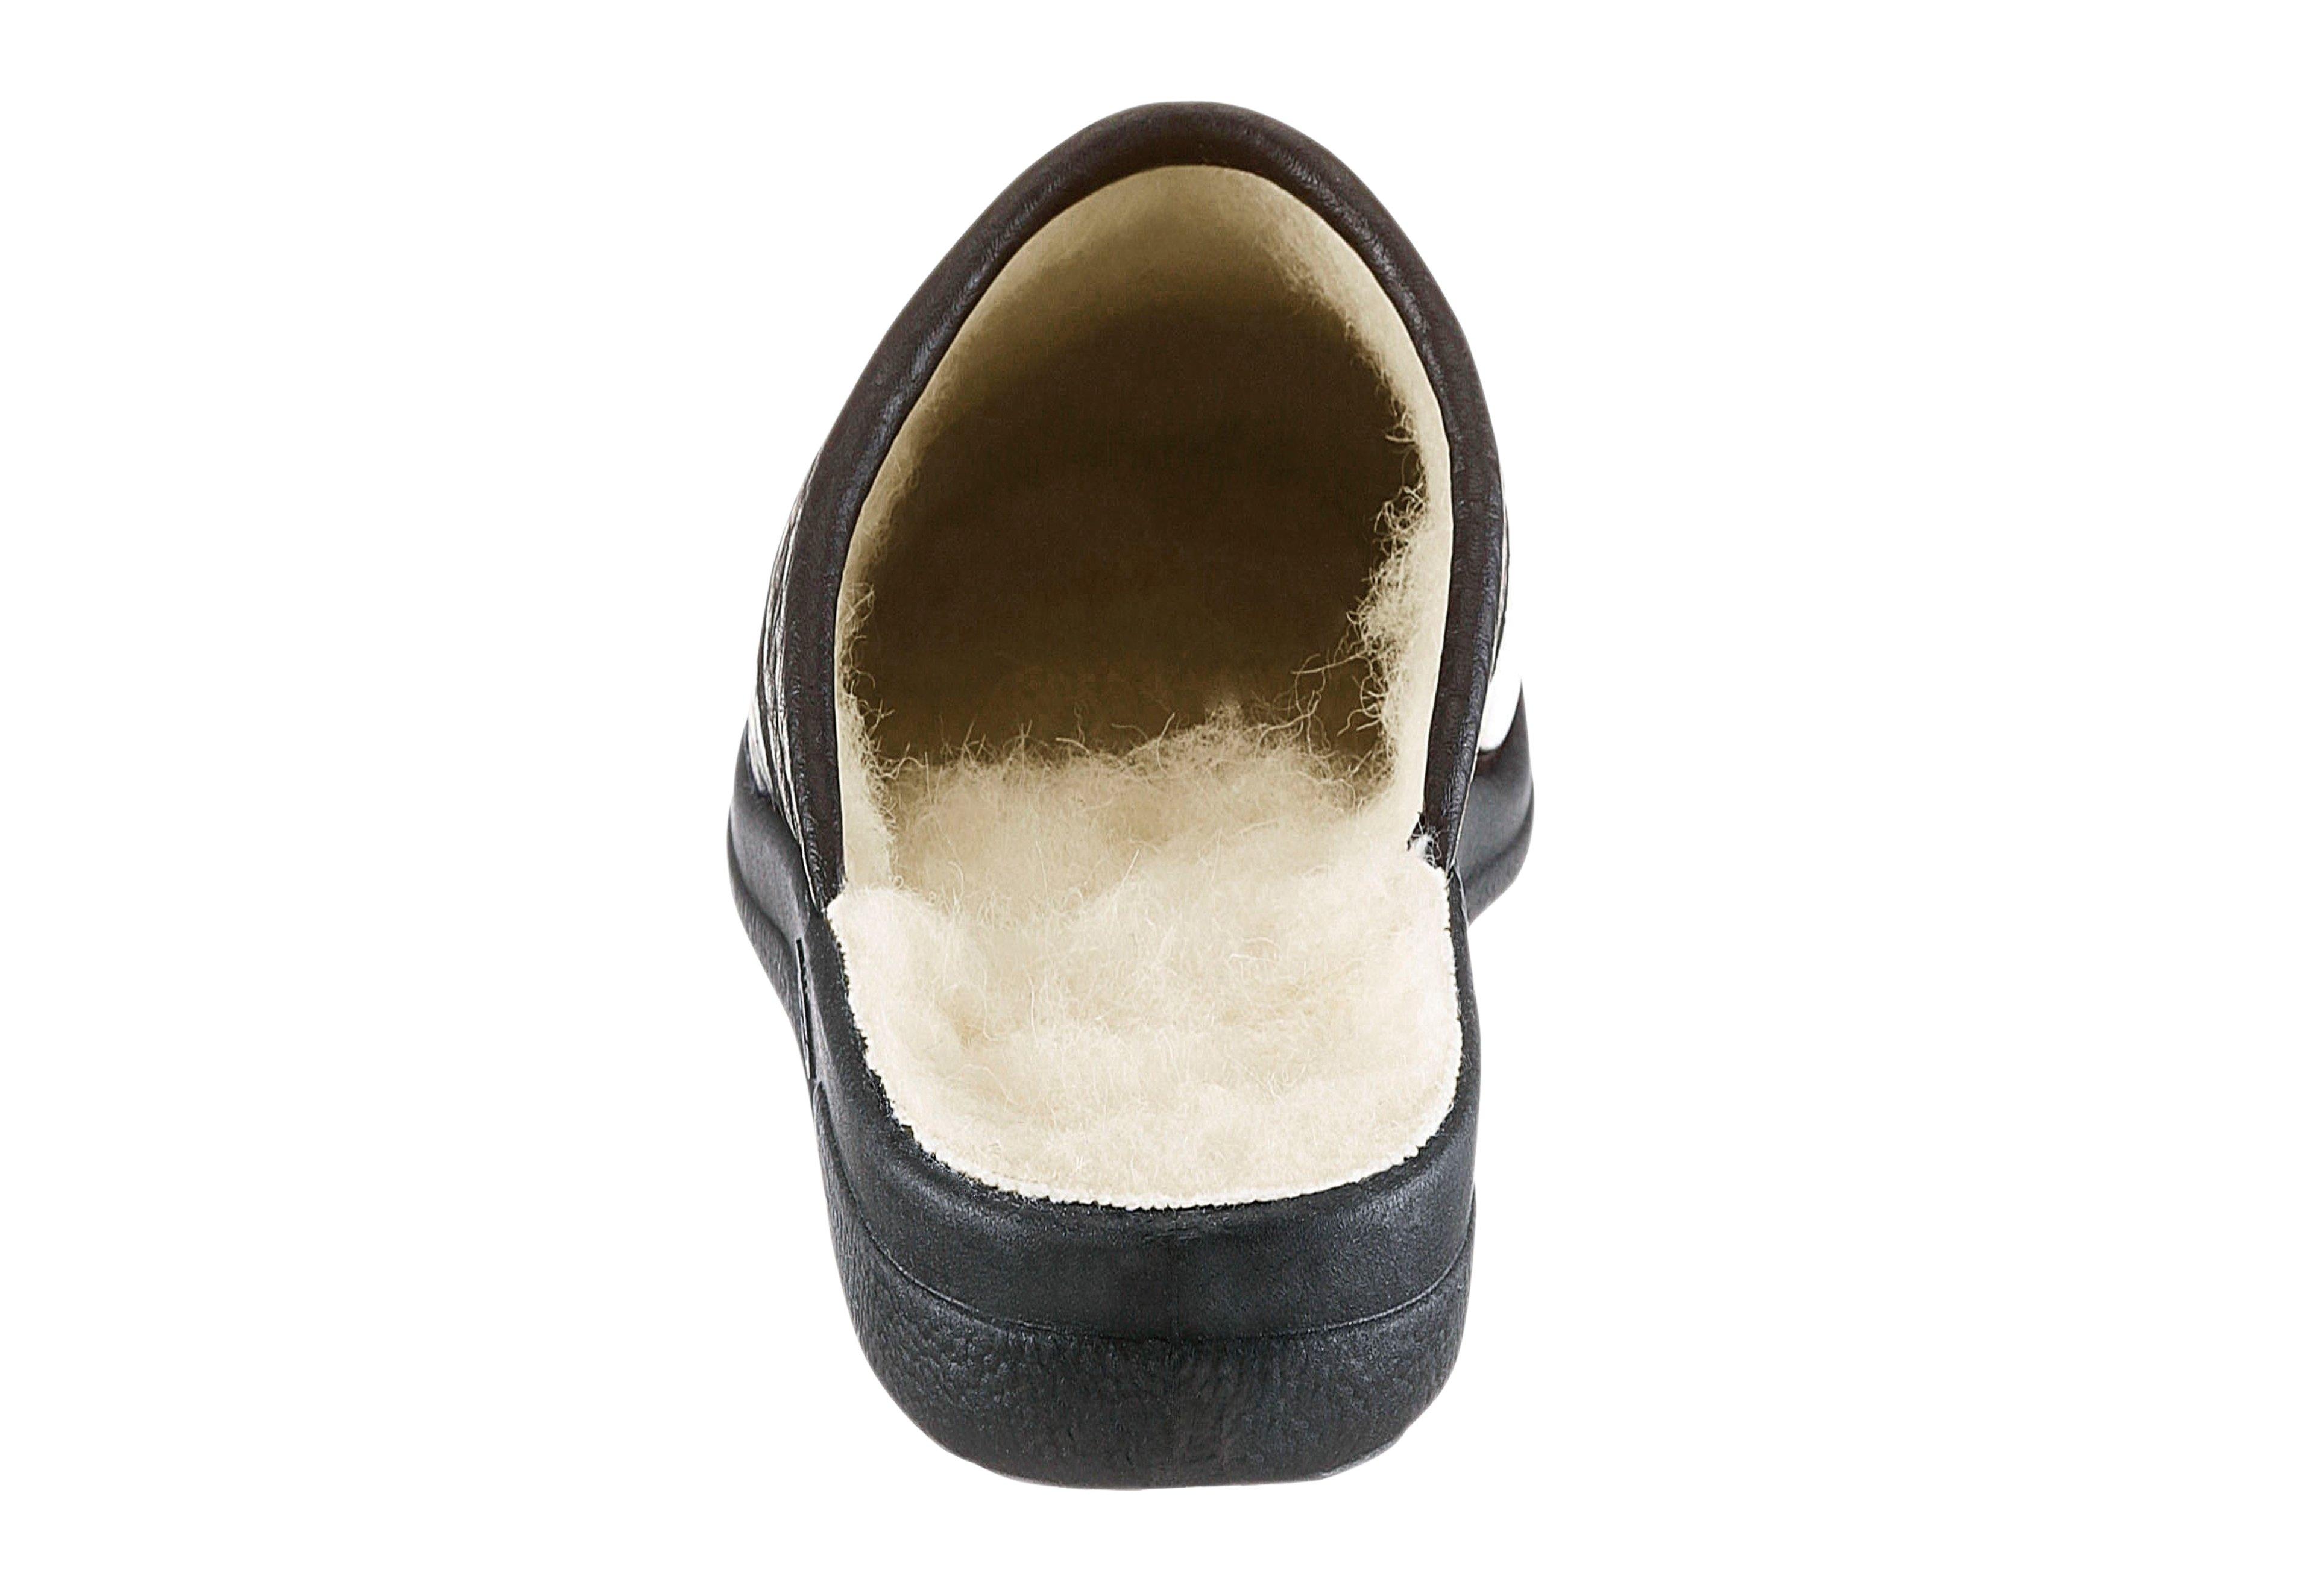 Leren Verkrijgbaar Verkrijgbaar PantoffelsIntraGevoerd PantoffelsIntraGevoerd Online Verkrijgbaar Online PantoffelsIntraGevoerd Leren Leren Online yf67gb